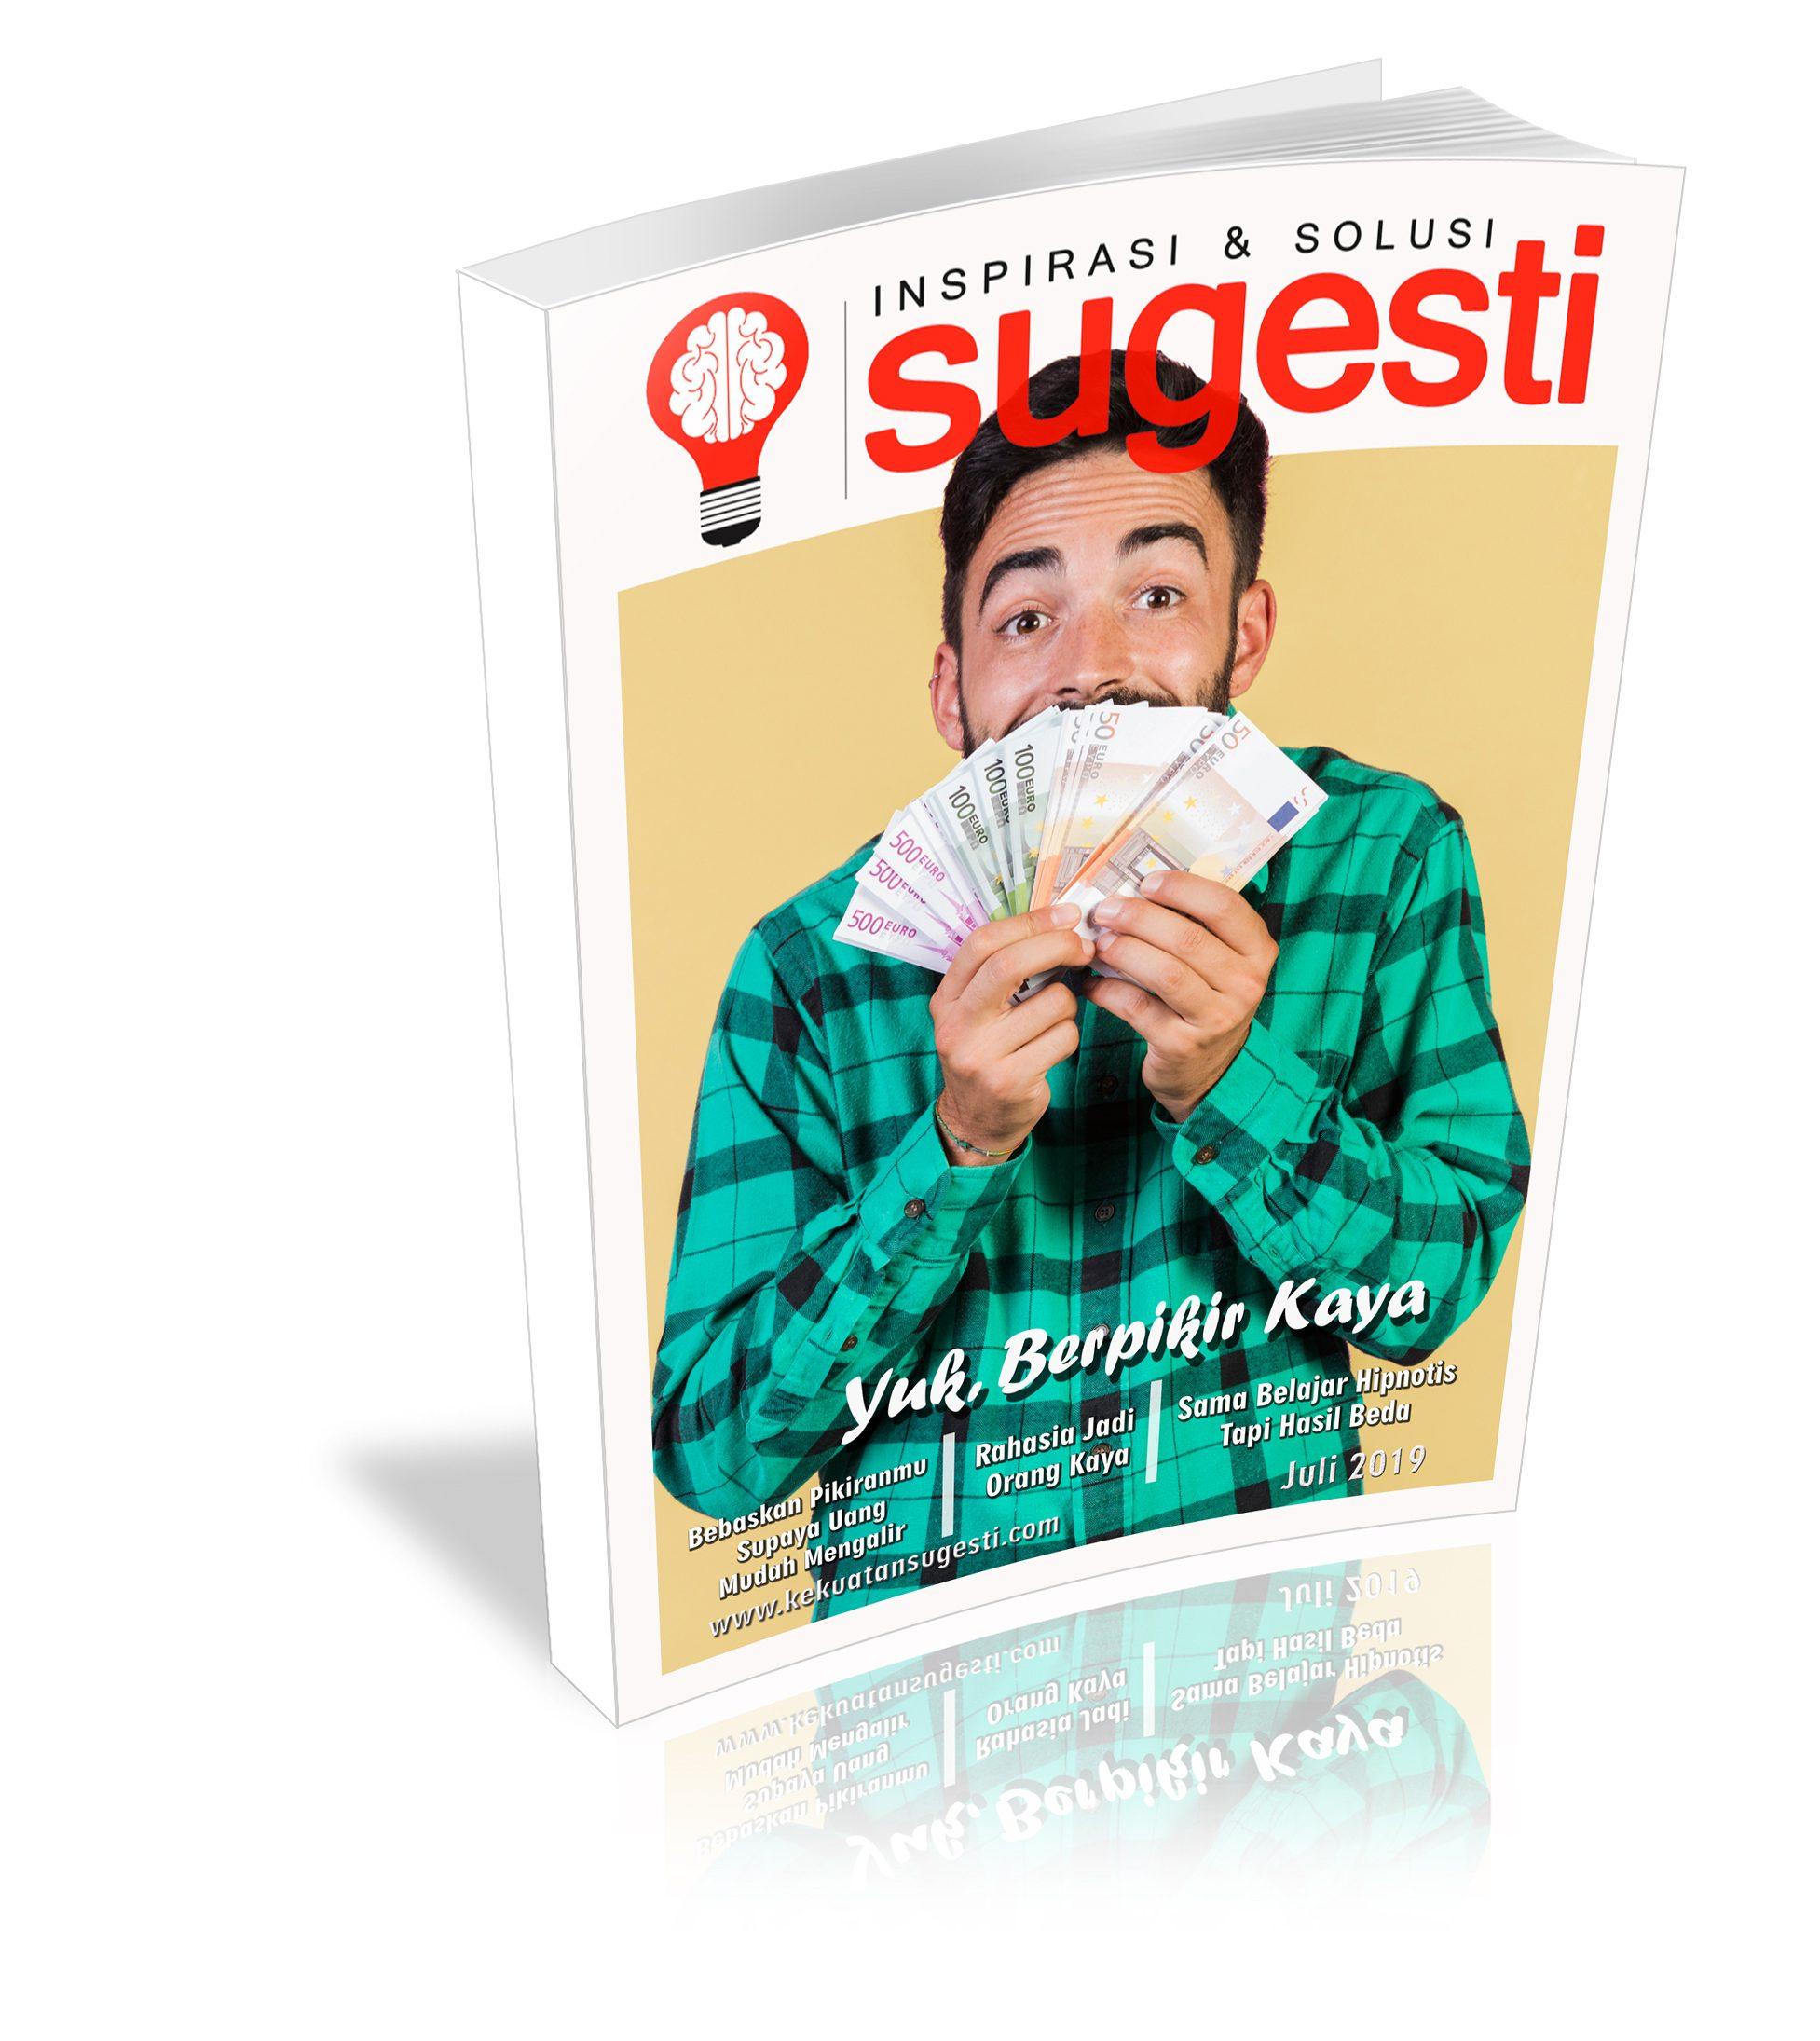 Majalah Sugesti Edisi Keenampuluh satu  bulan Juli 2019